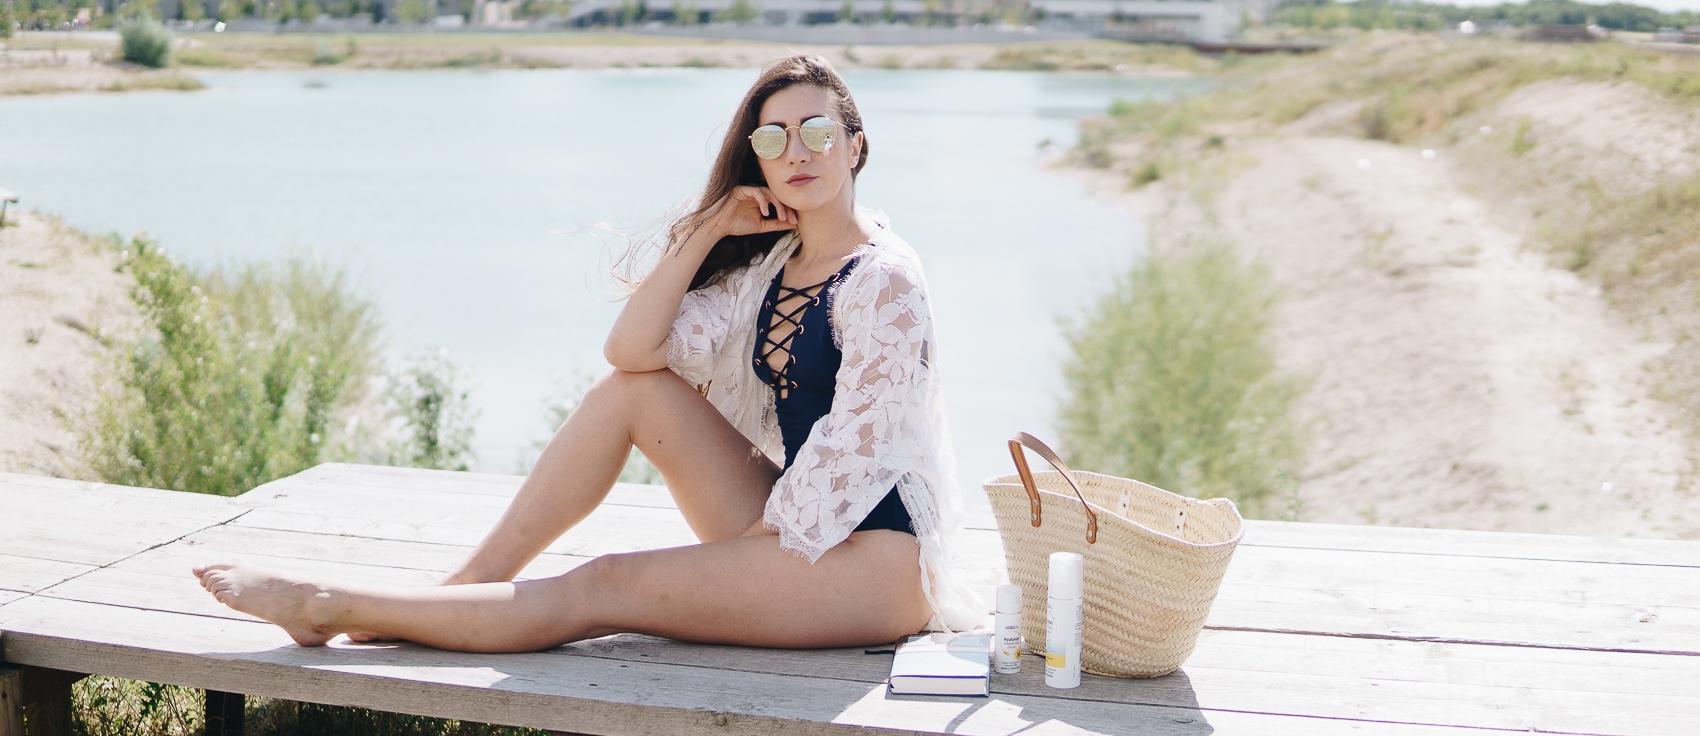 LSF 30: Wohin geht es für mich in den Urlaub?